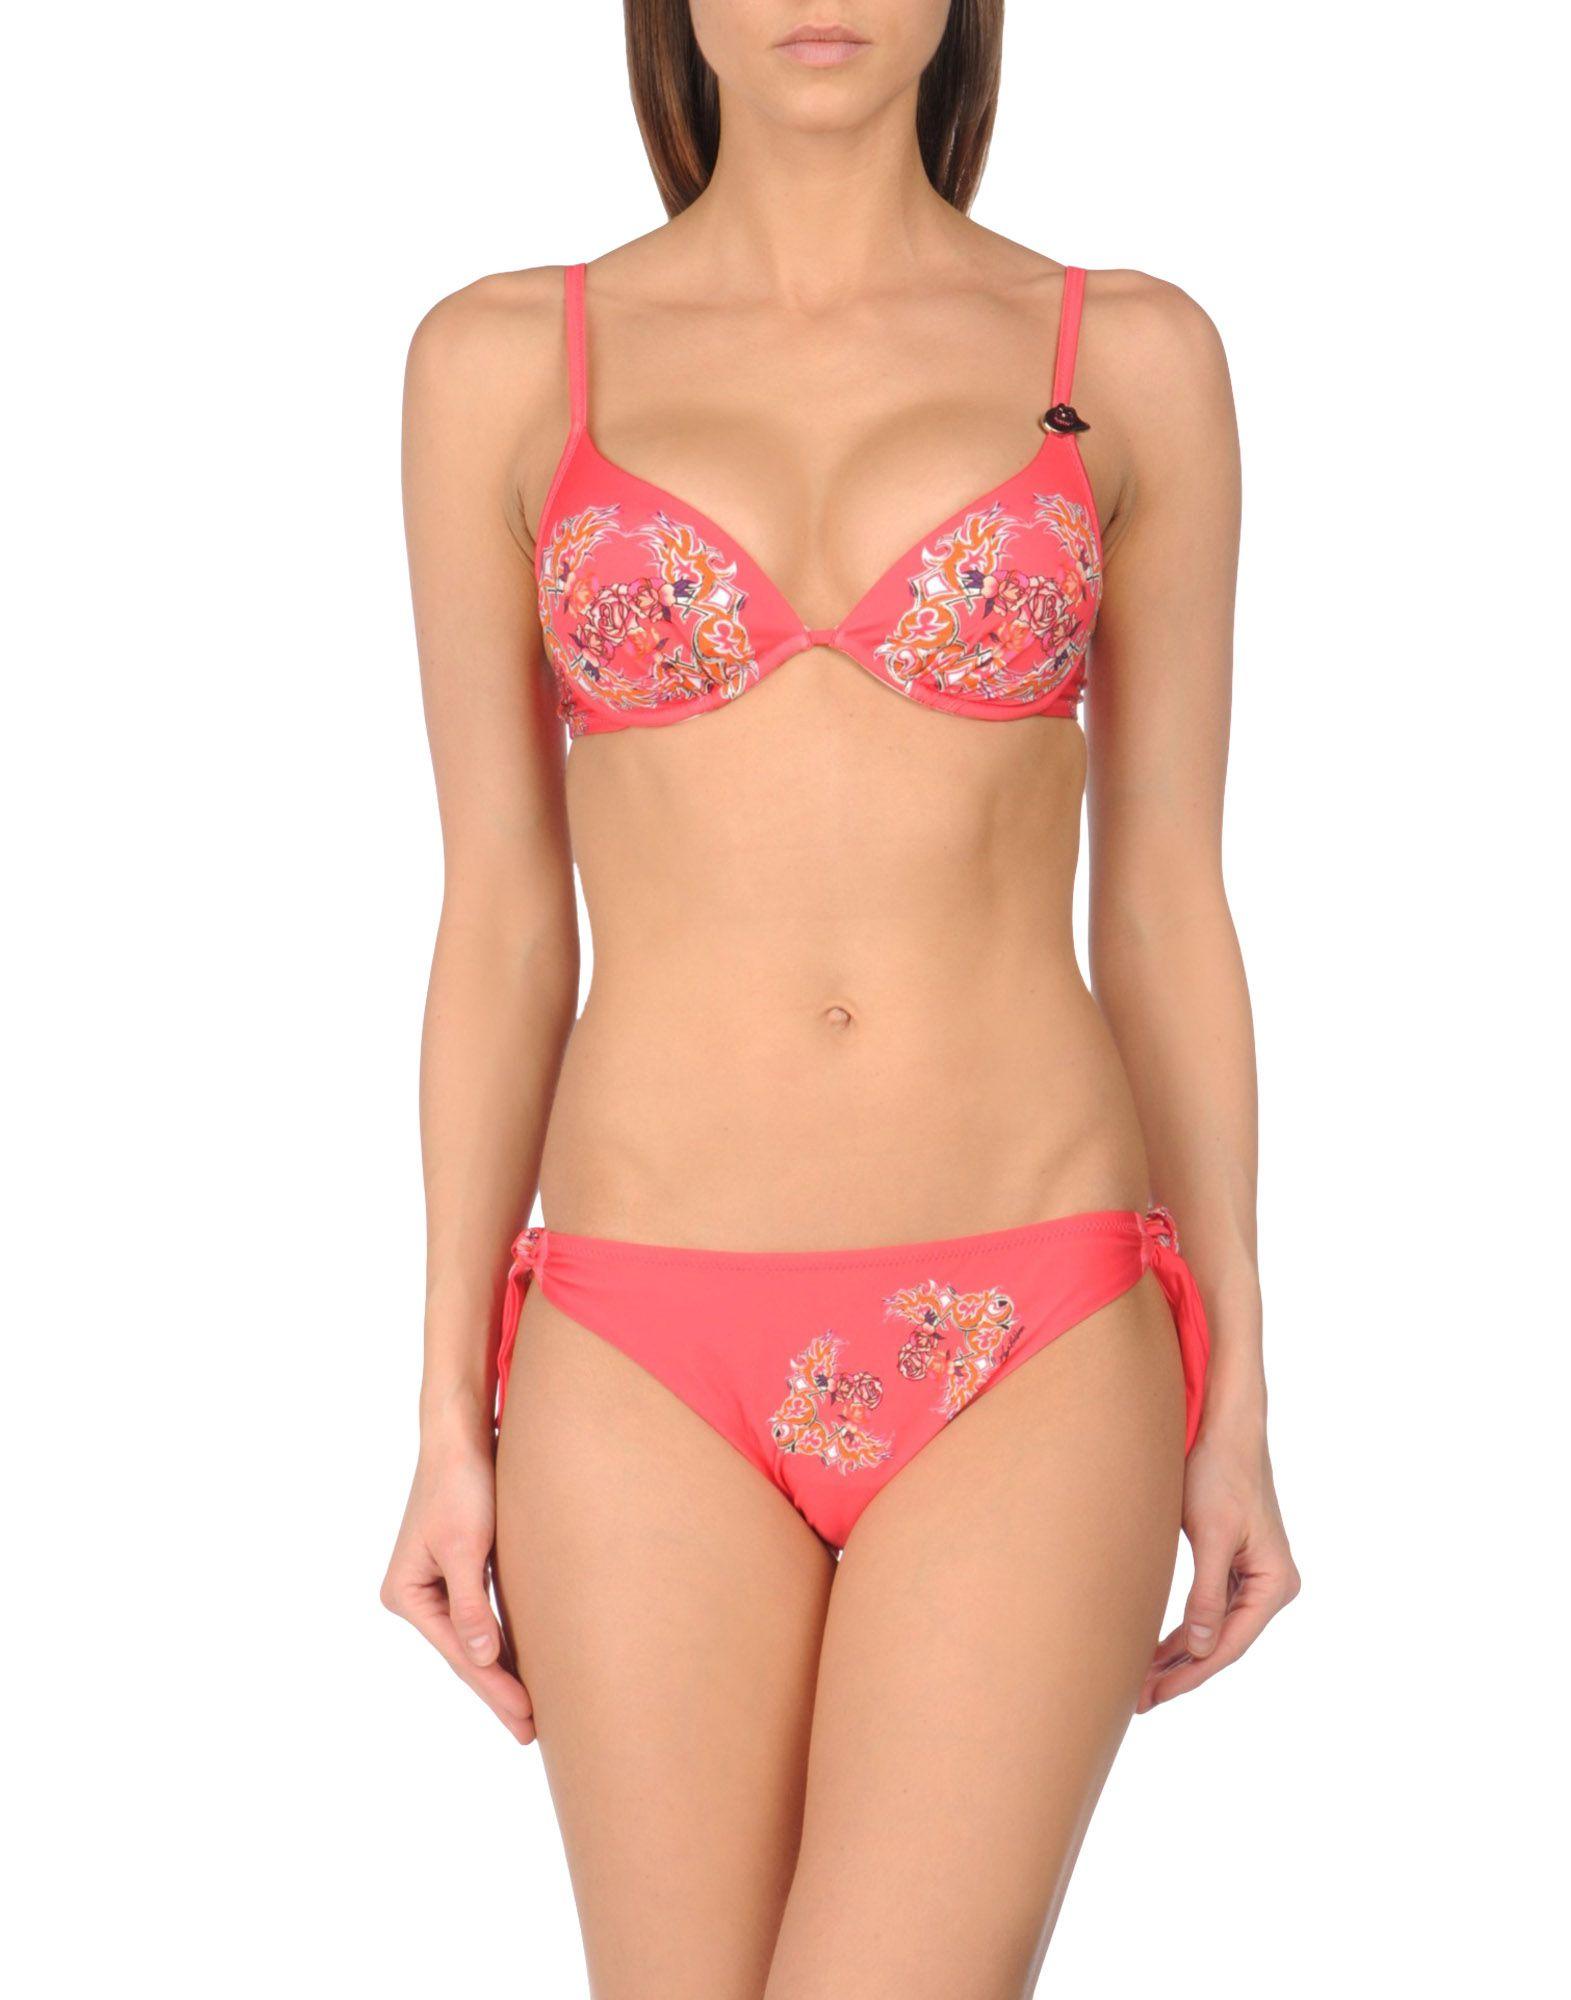 Bikini Save The Queen! Sun Donna - Acquista online su TbDjElh